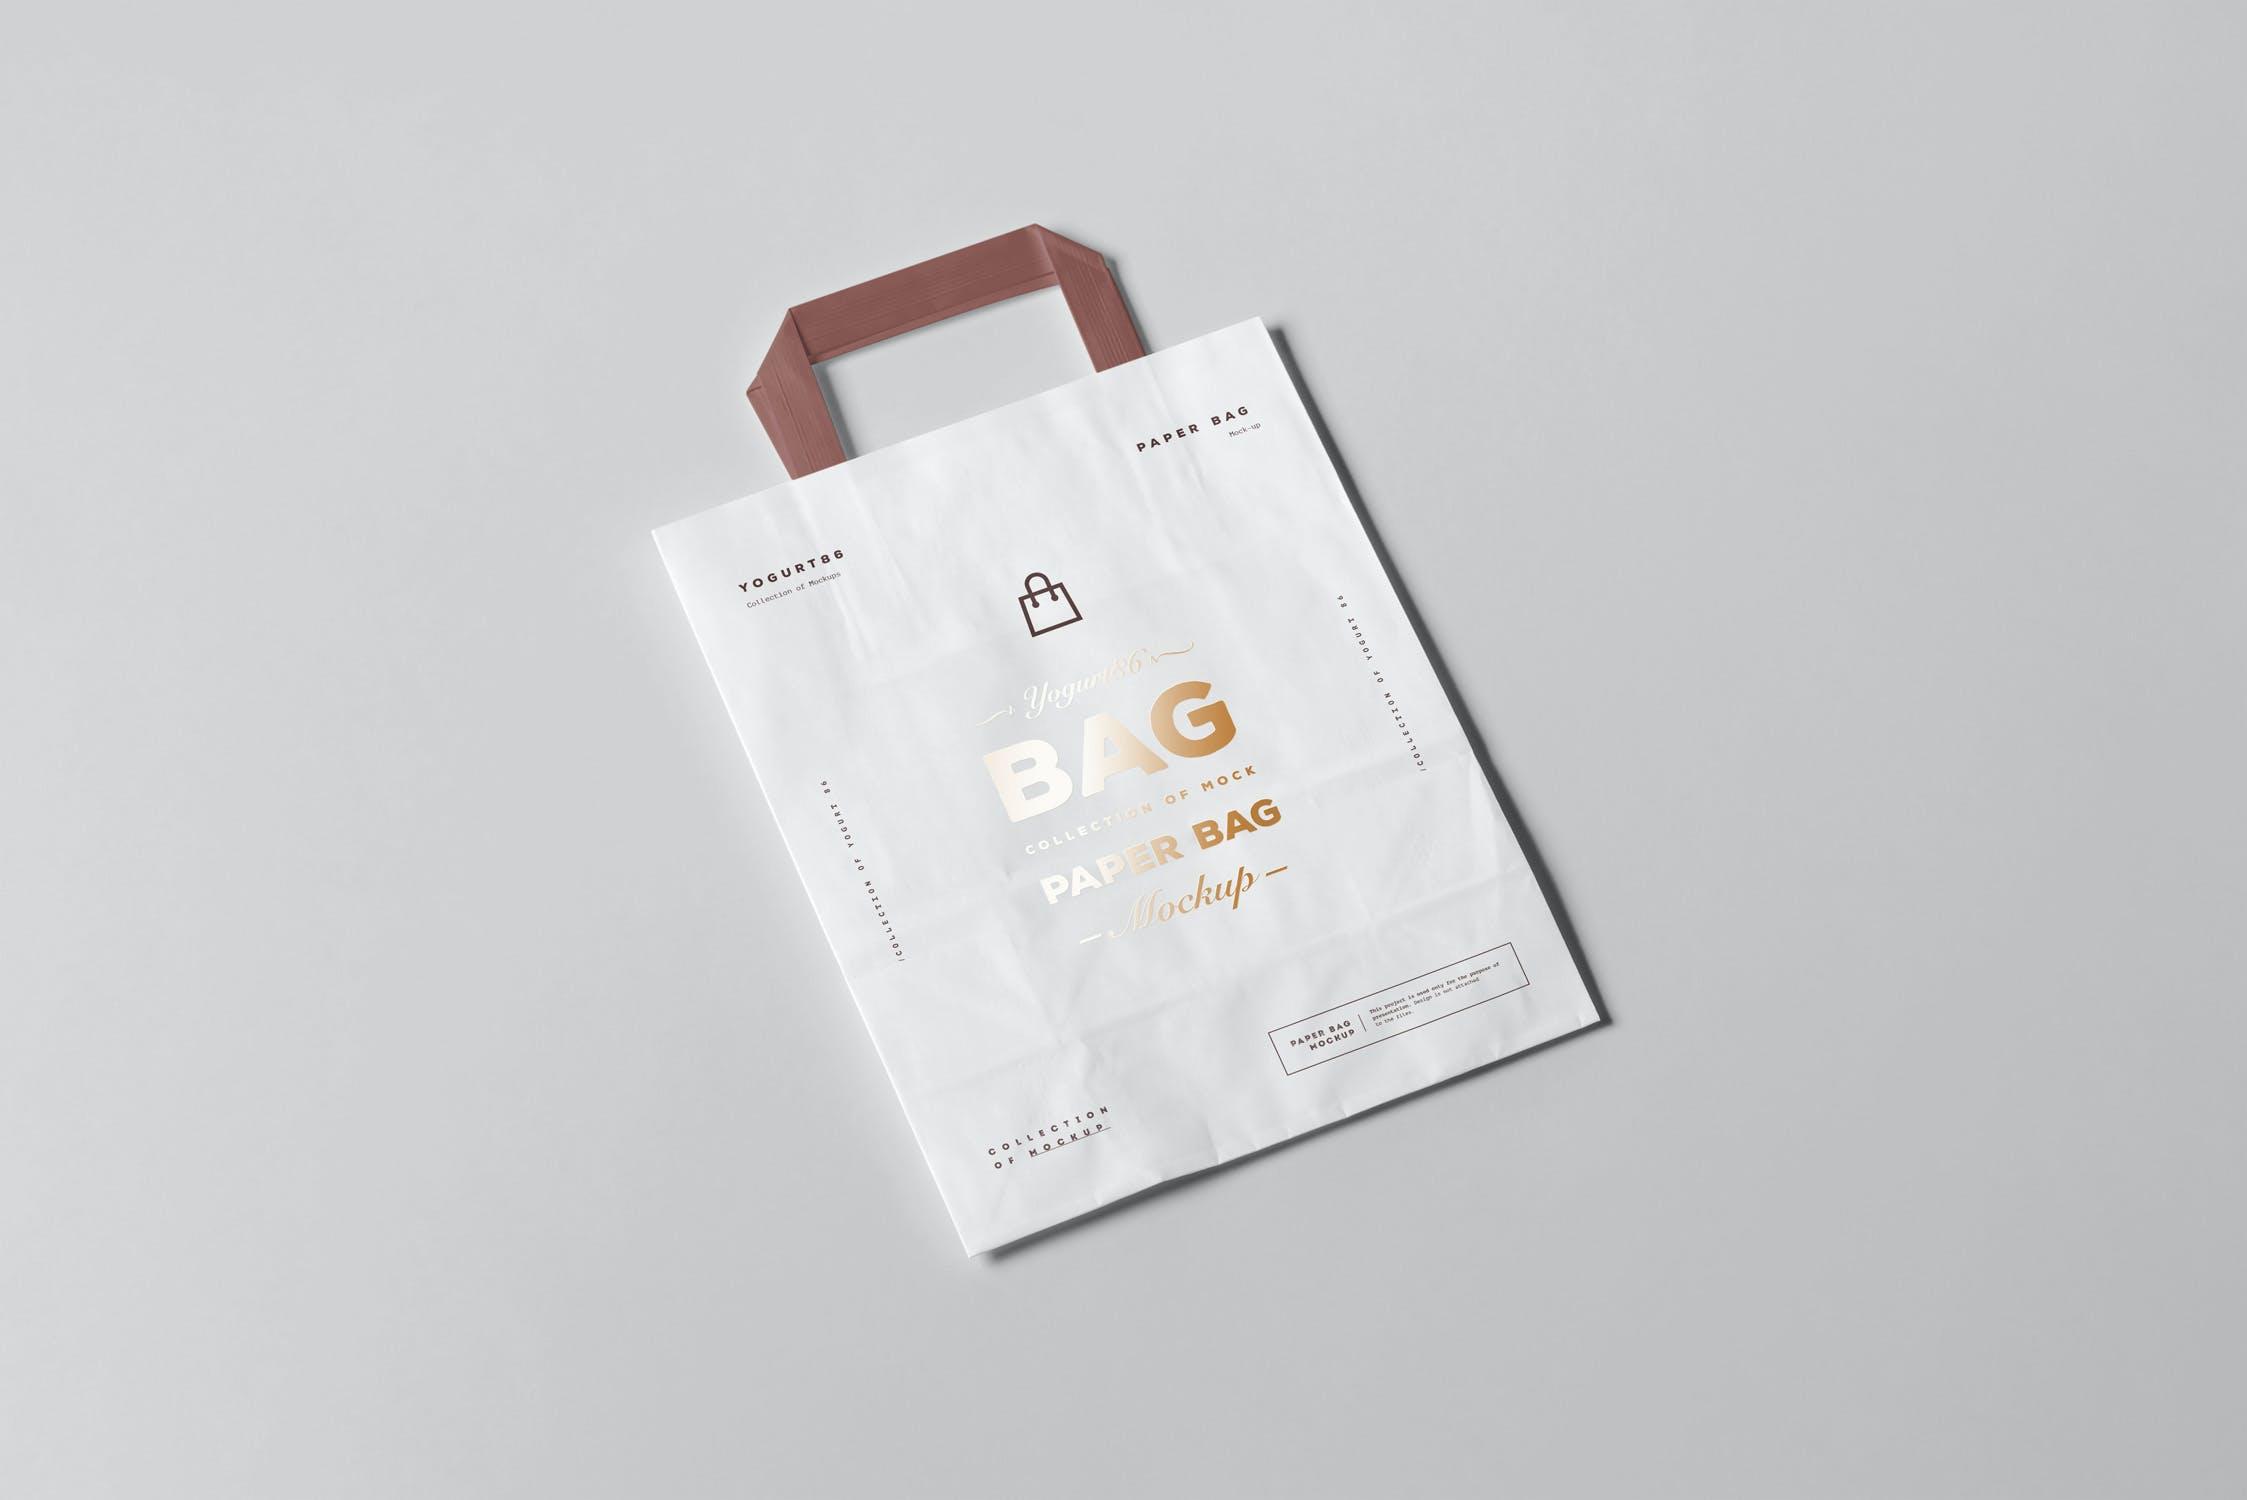 11款商城购物手提纸袋设计展示样机 Paper Bag Mockup 3插图(8)